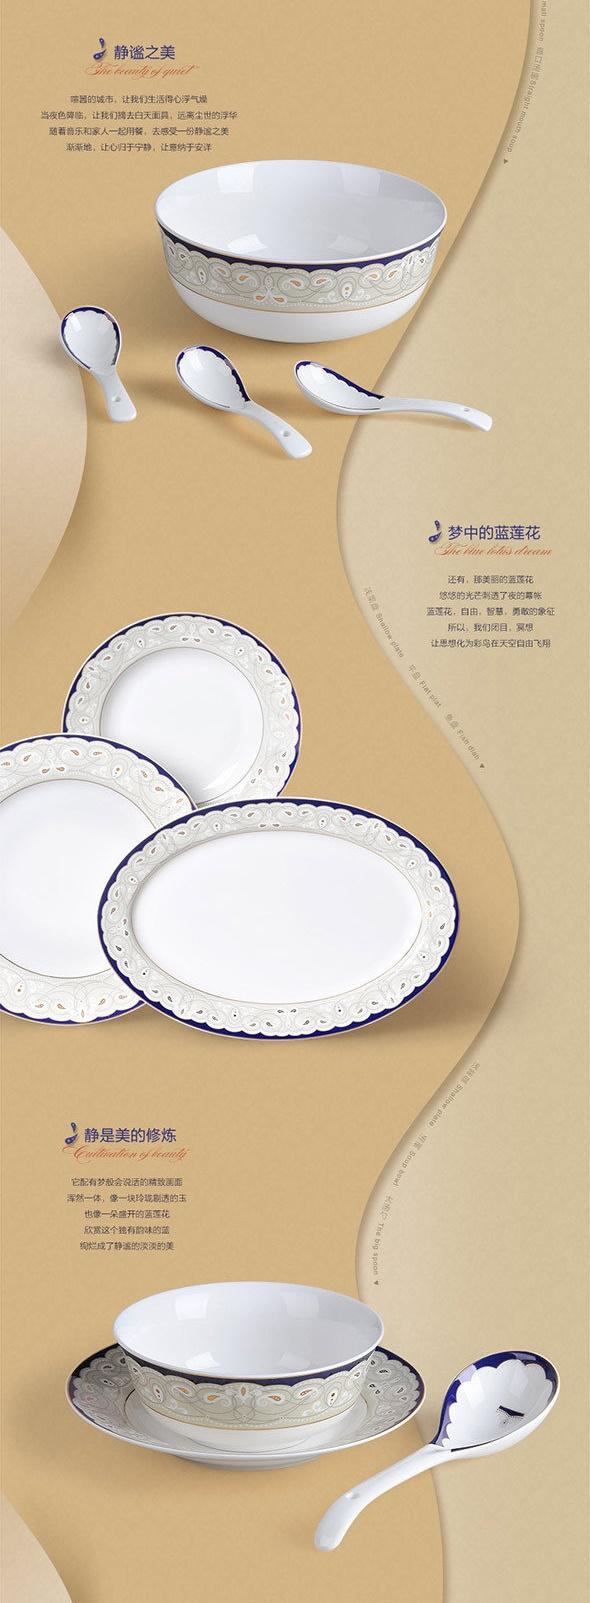 餐具套装淘宝详情页设计7